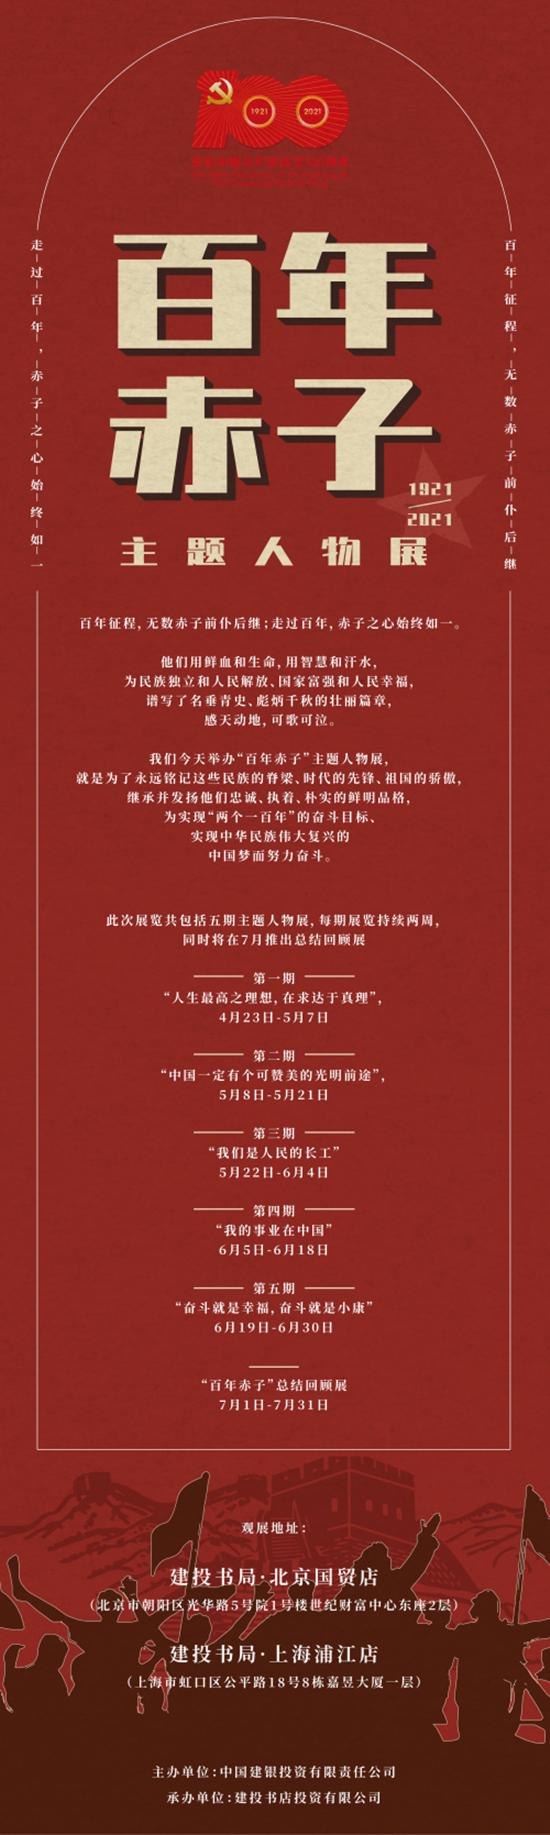 """中国建投举办""""百年赤子""""系列主题人物展"""